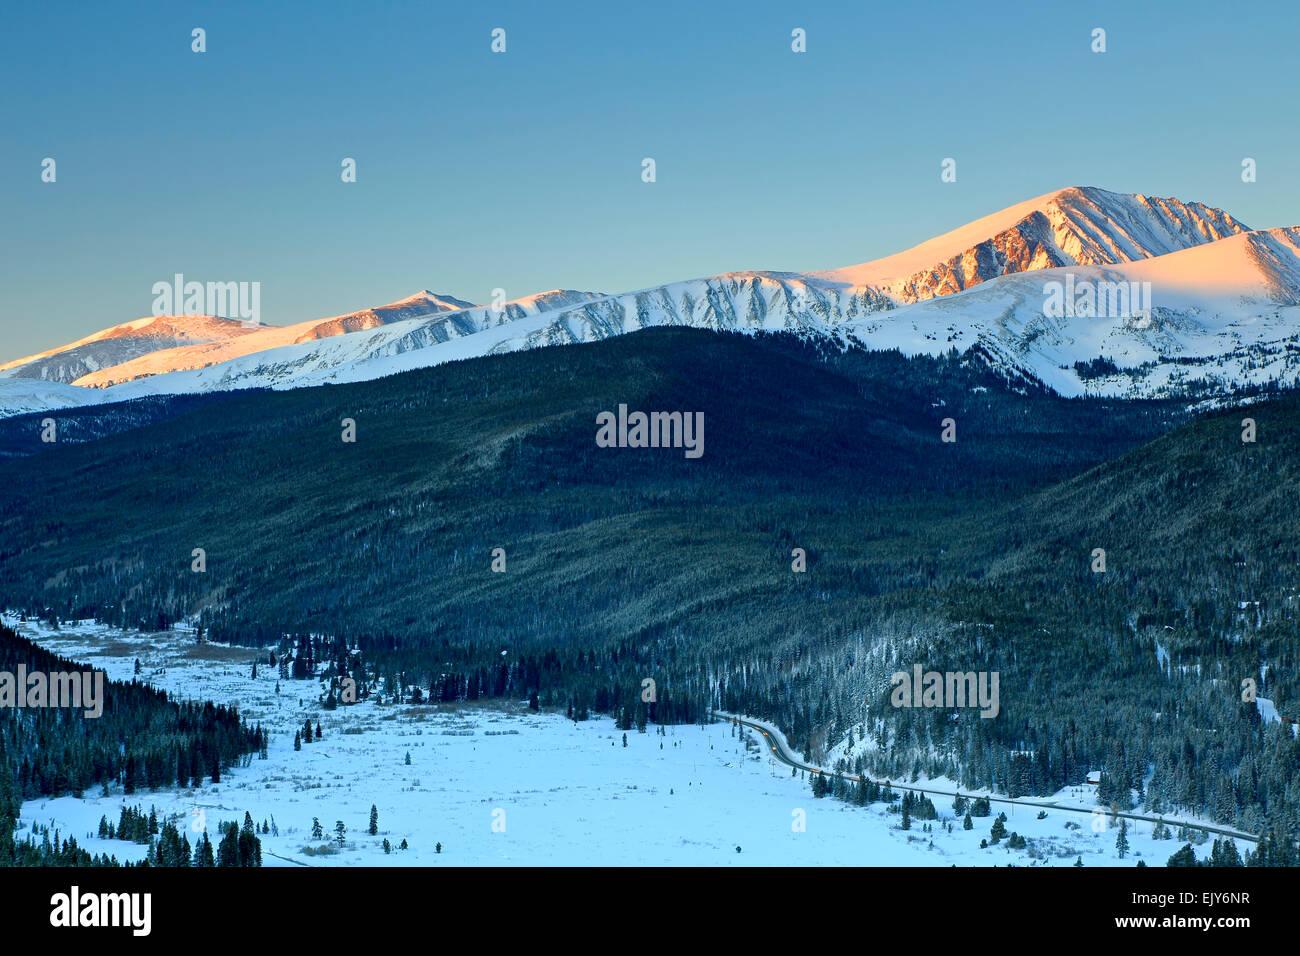 La primera luz sobre el dilema cubiertas de nieve pico (14,265 pies), a diez millas de alcance, y Goose pastos Tarn, Boreas pasar Trail, en Colorado, EE.UU. Foto de stock